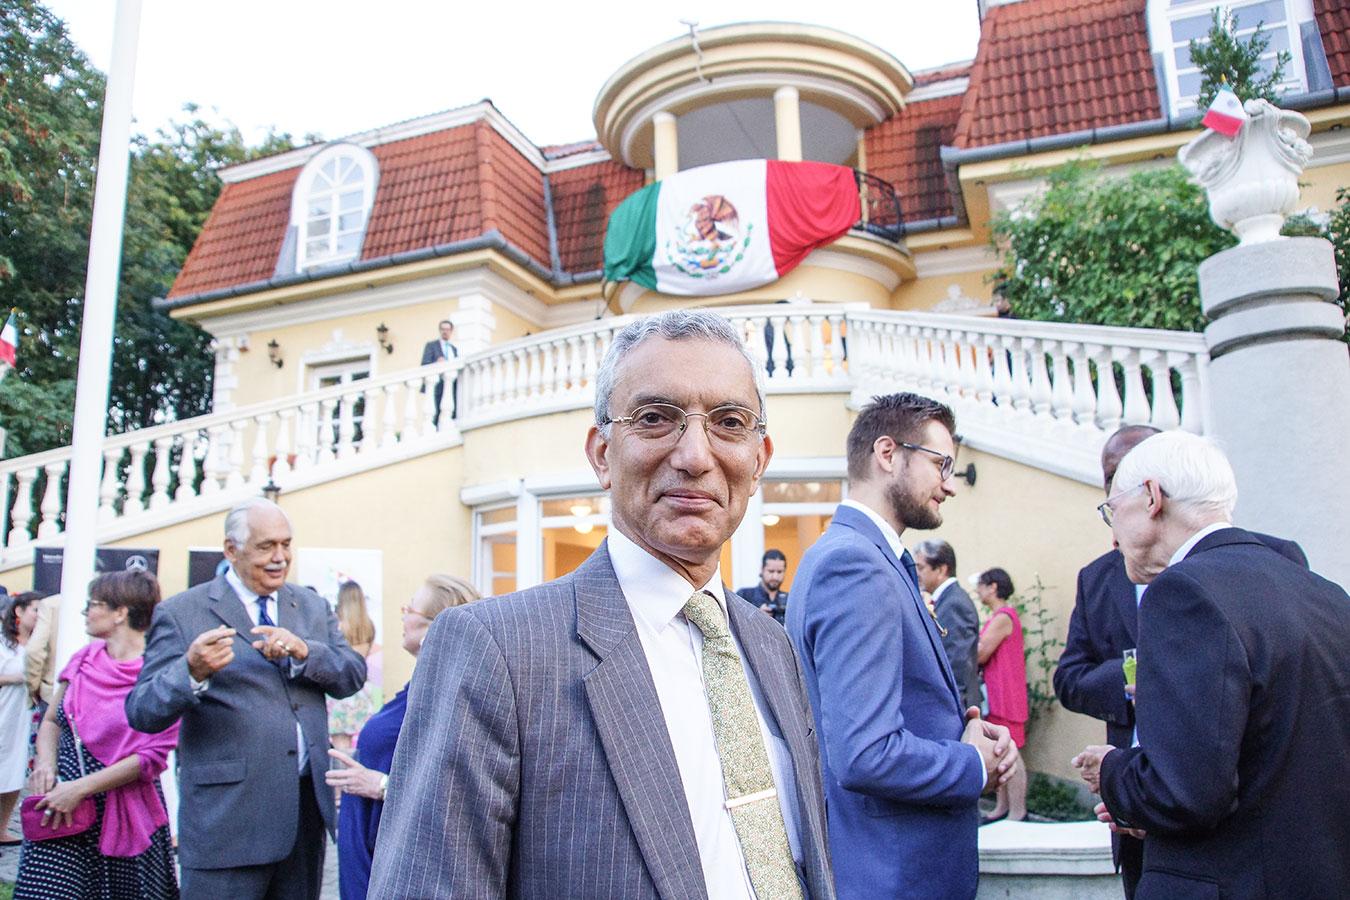 Őexc. Rahul Chhabra, az India Köztársaság nagykövete